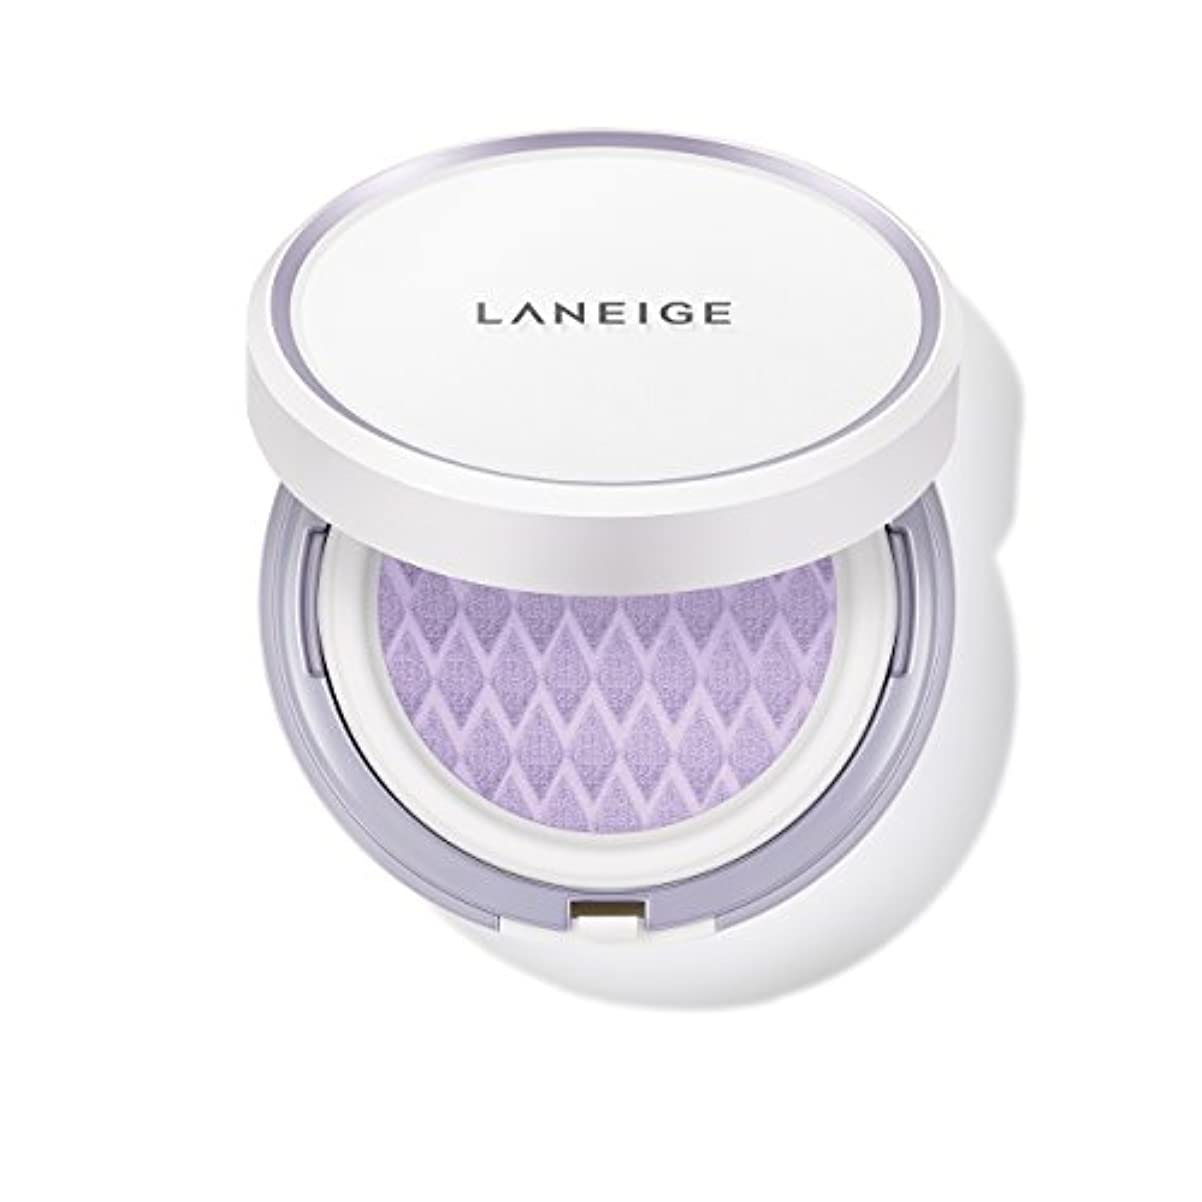 哀れな変わる病気のラネージュ[LANEIGE]*AMOREPACIFIC*[新商品]スキンベなベースクッションSPF 22PA++(#40 Light Purple) 15g*2 / LANEIGE Skin Veil Base Cushion...